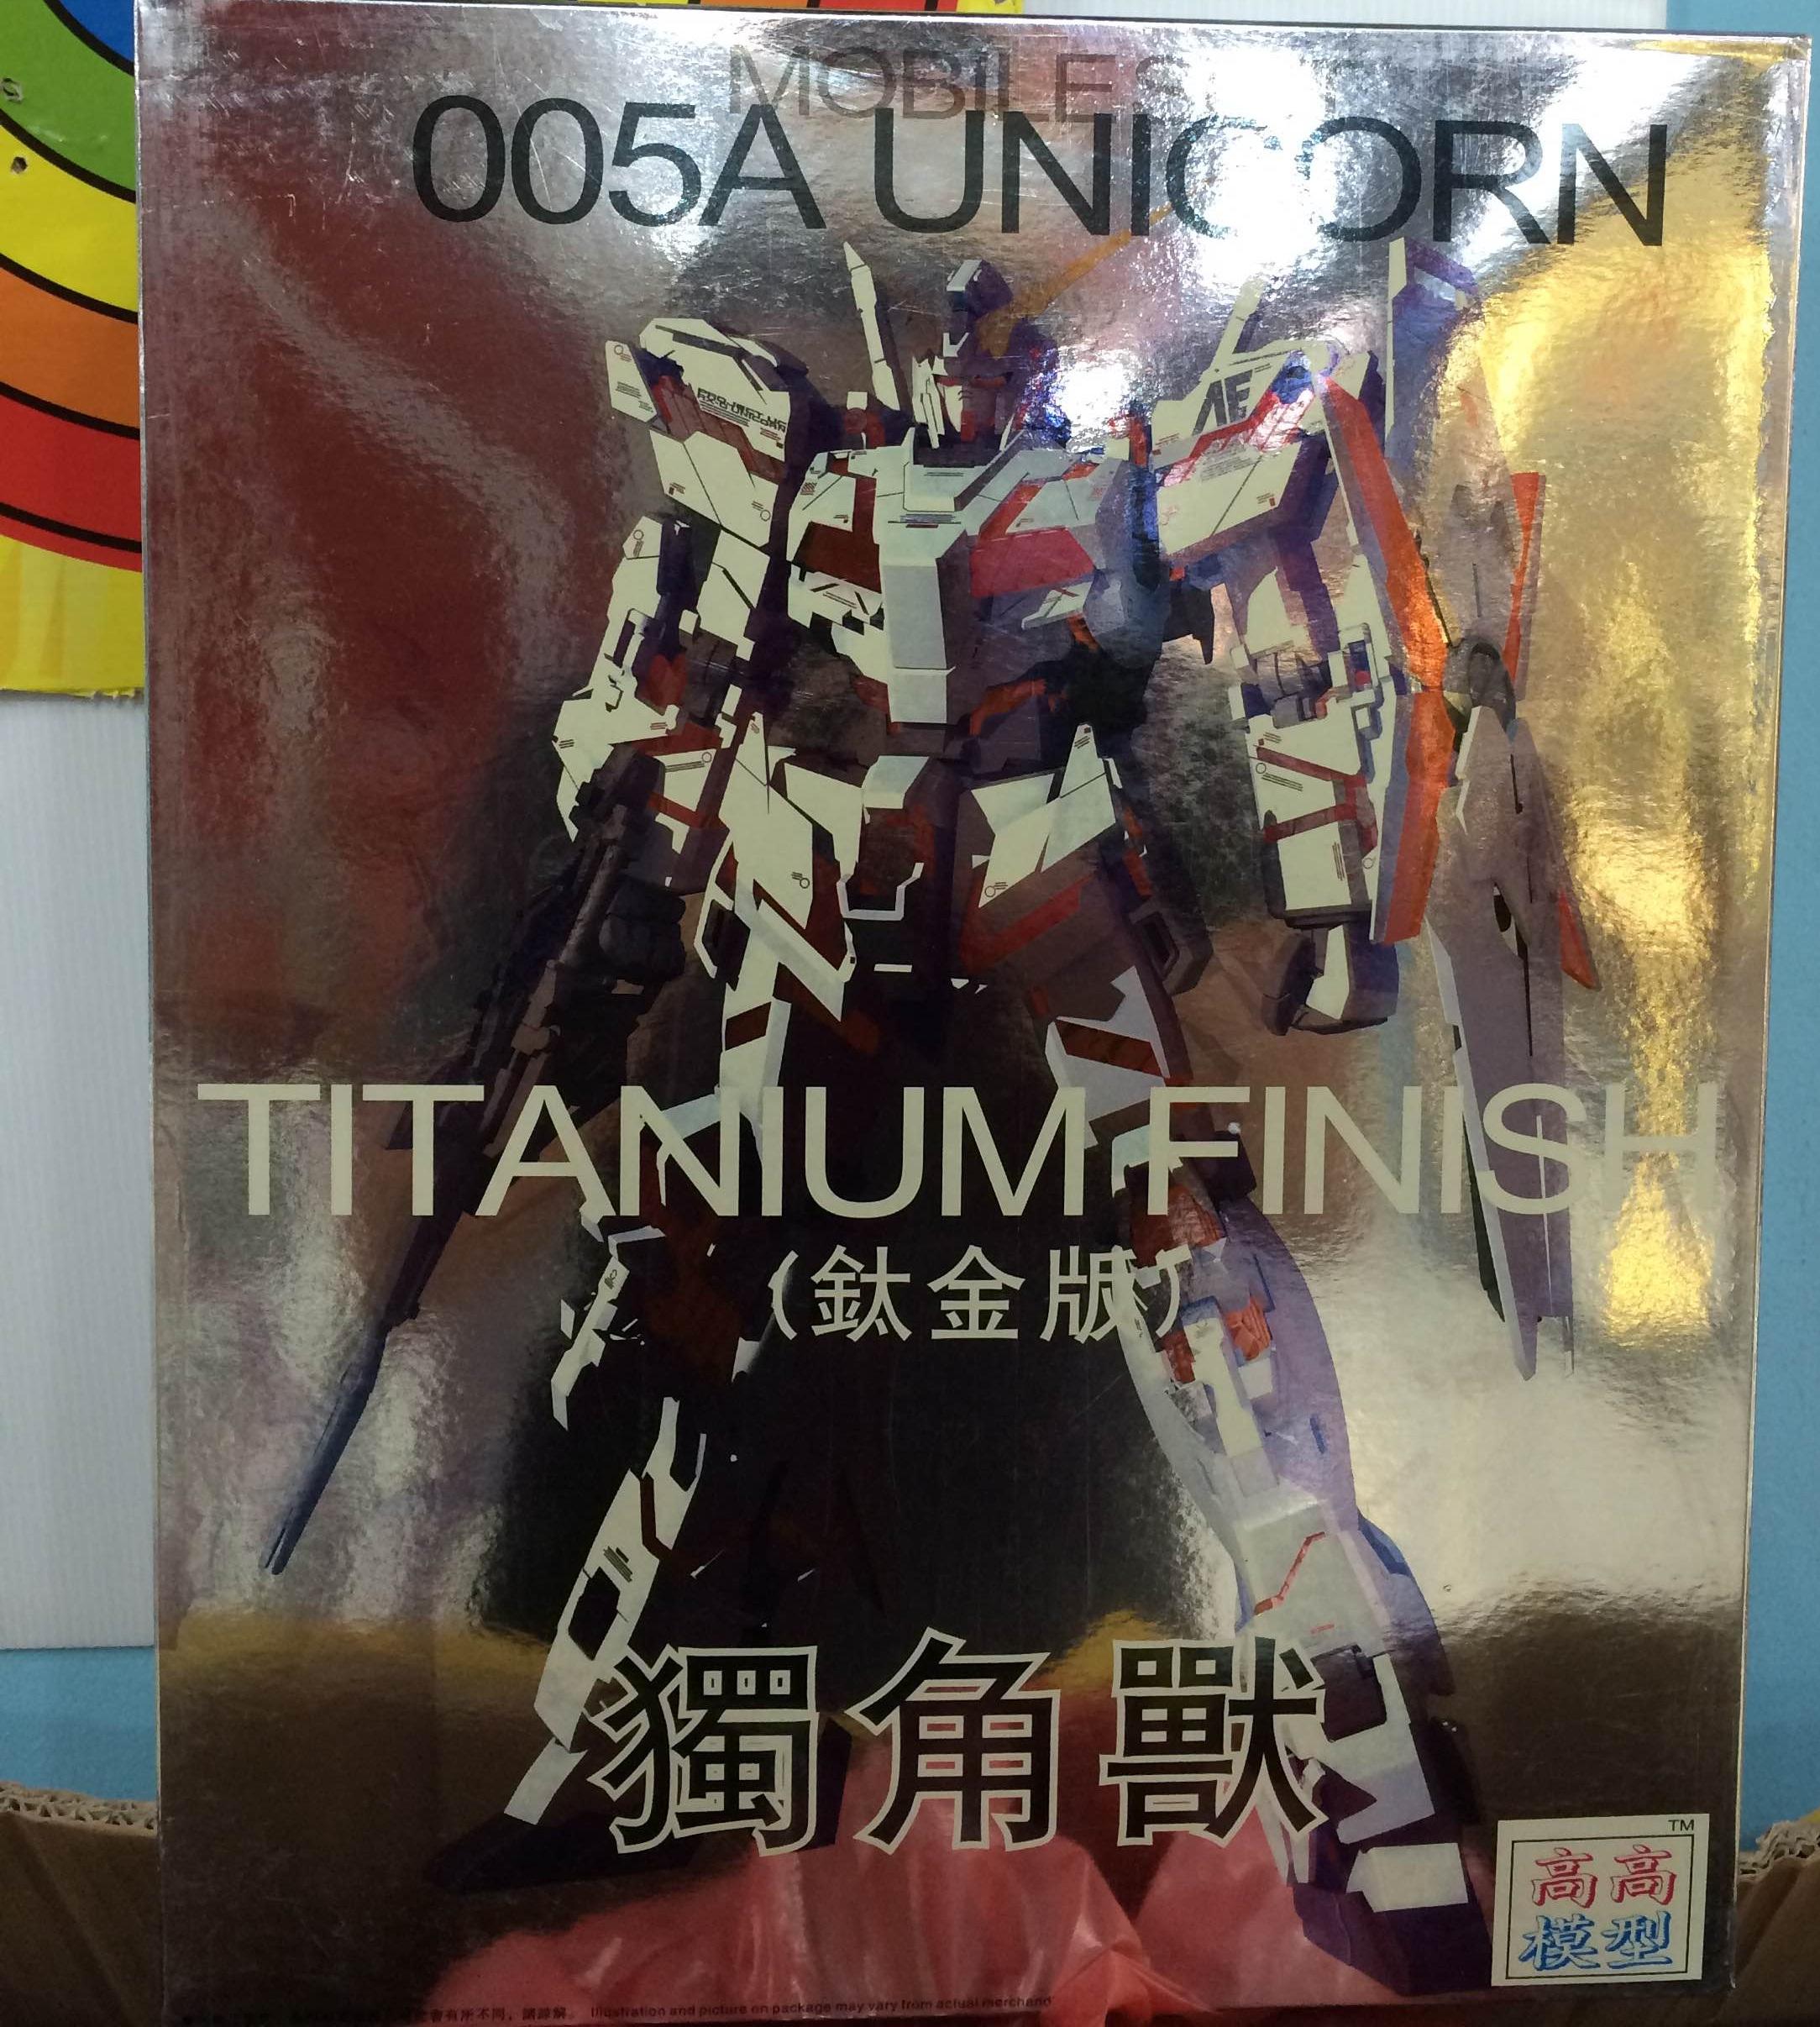 Unicorn_Titanium_Finish